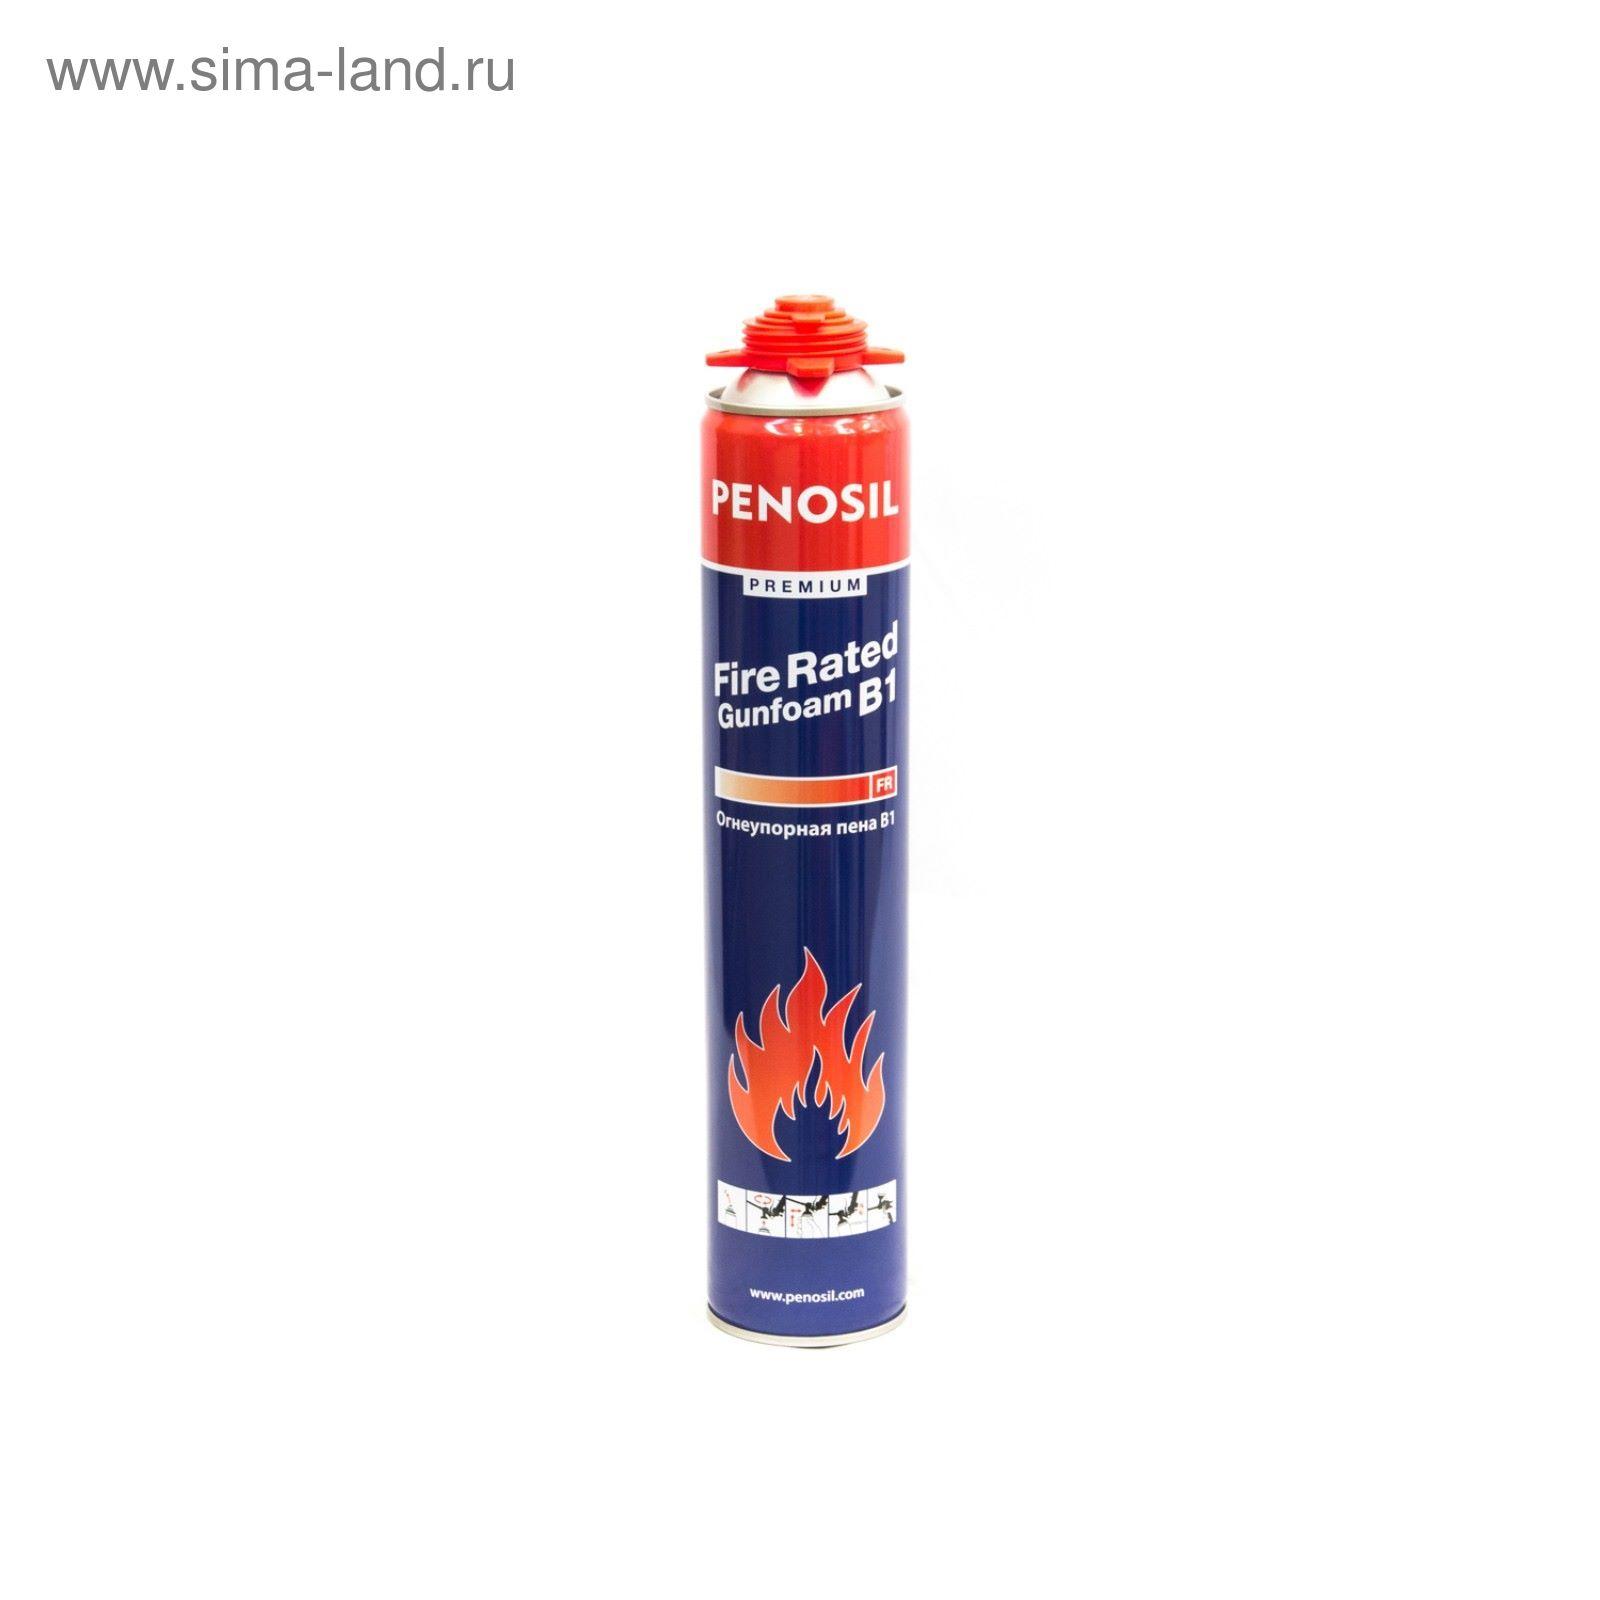 Огнеупорная пена пеносил